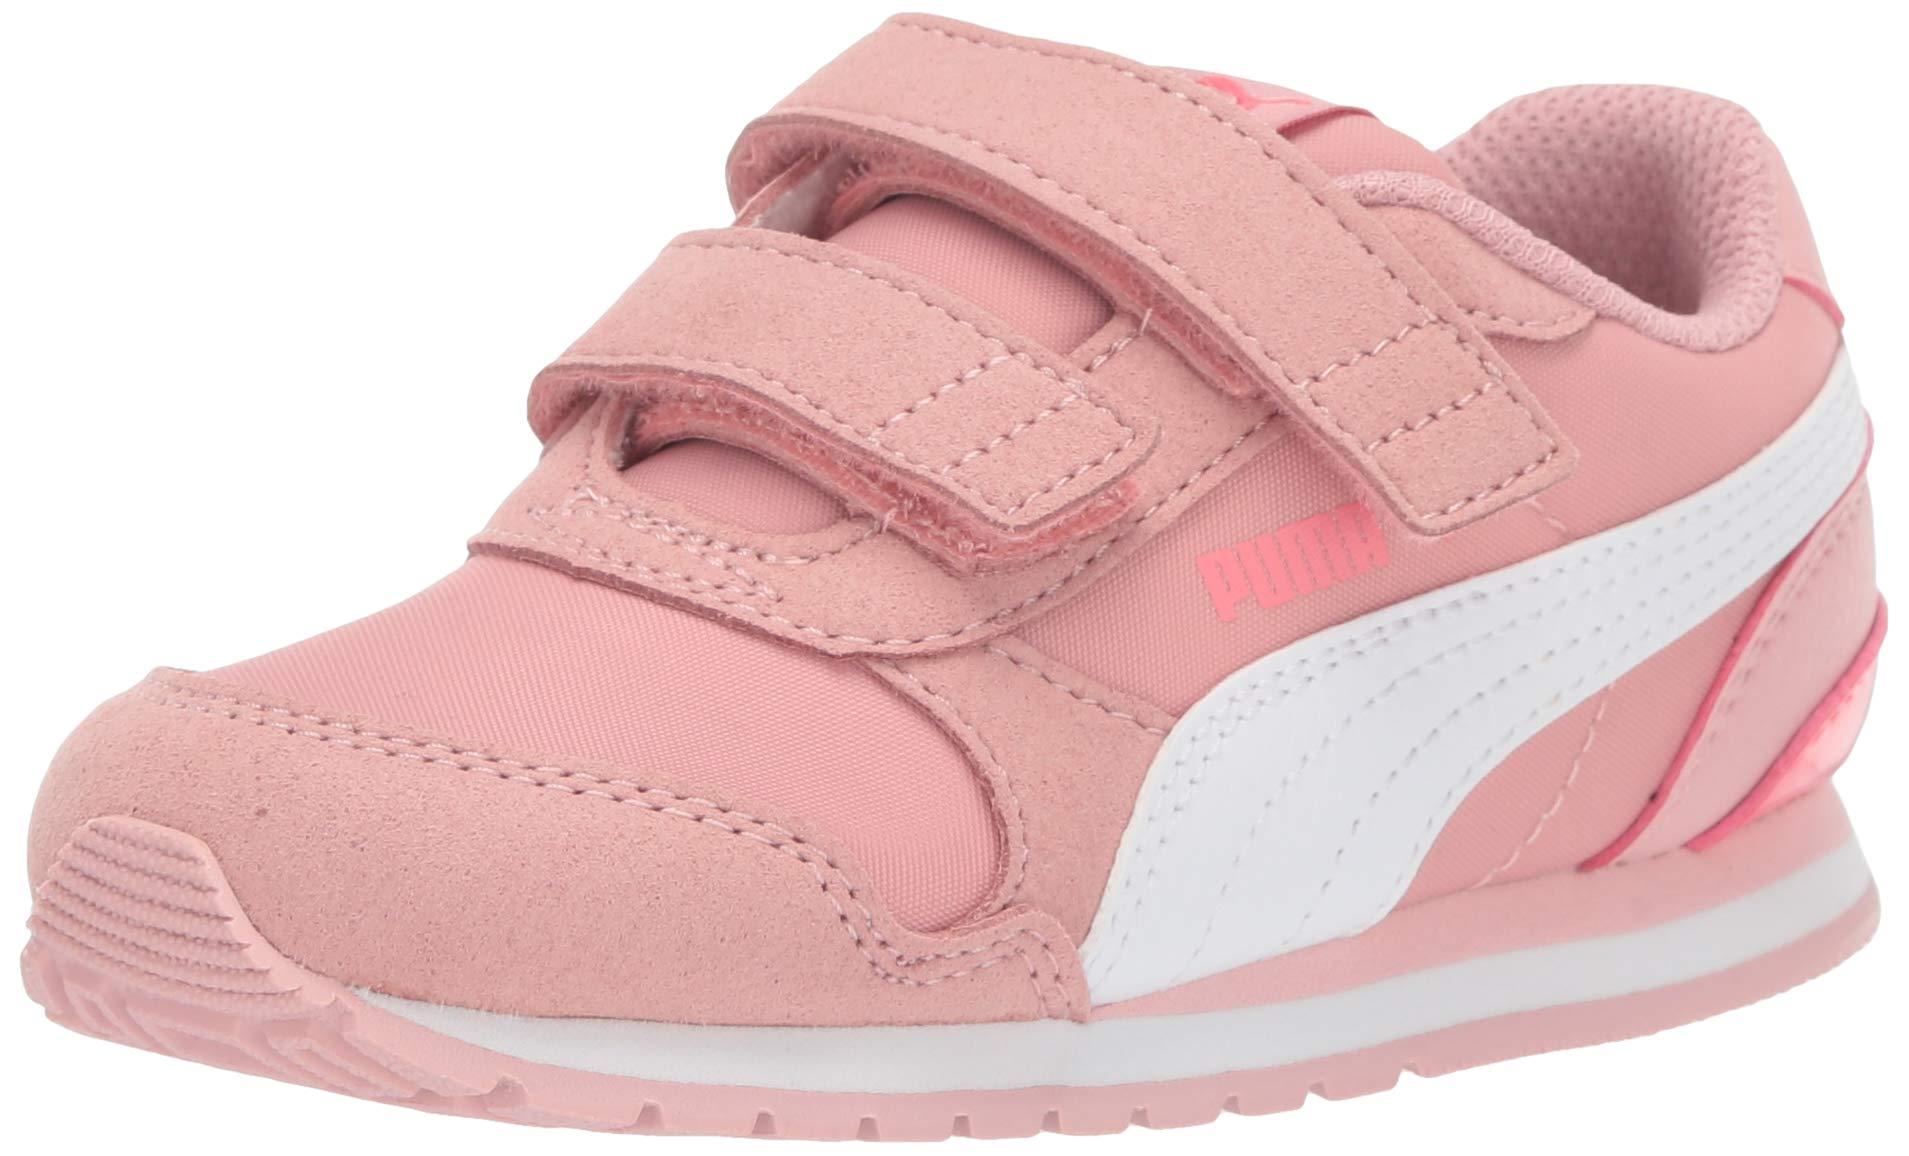 PUMA Unisex ST Runner Velcro Sneaker, Bridal Rose White-Calypso Coral, 13.5 M US Little Kid